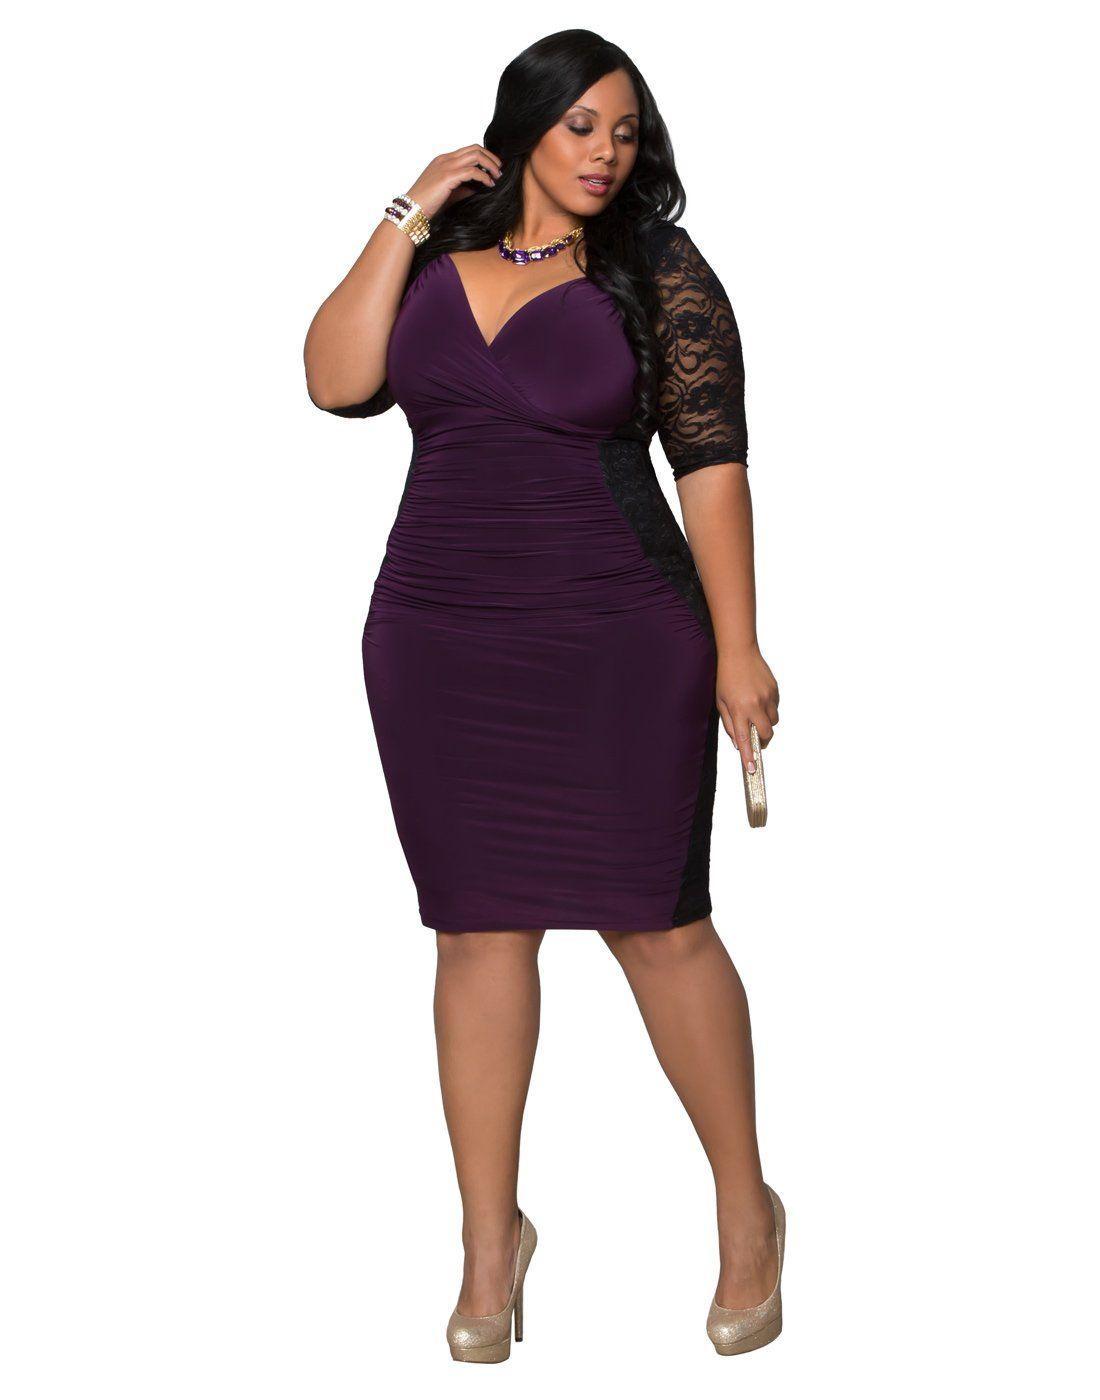 Plus Size Fashion Kiyonna Womens Plus Size Valentina Illusion